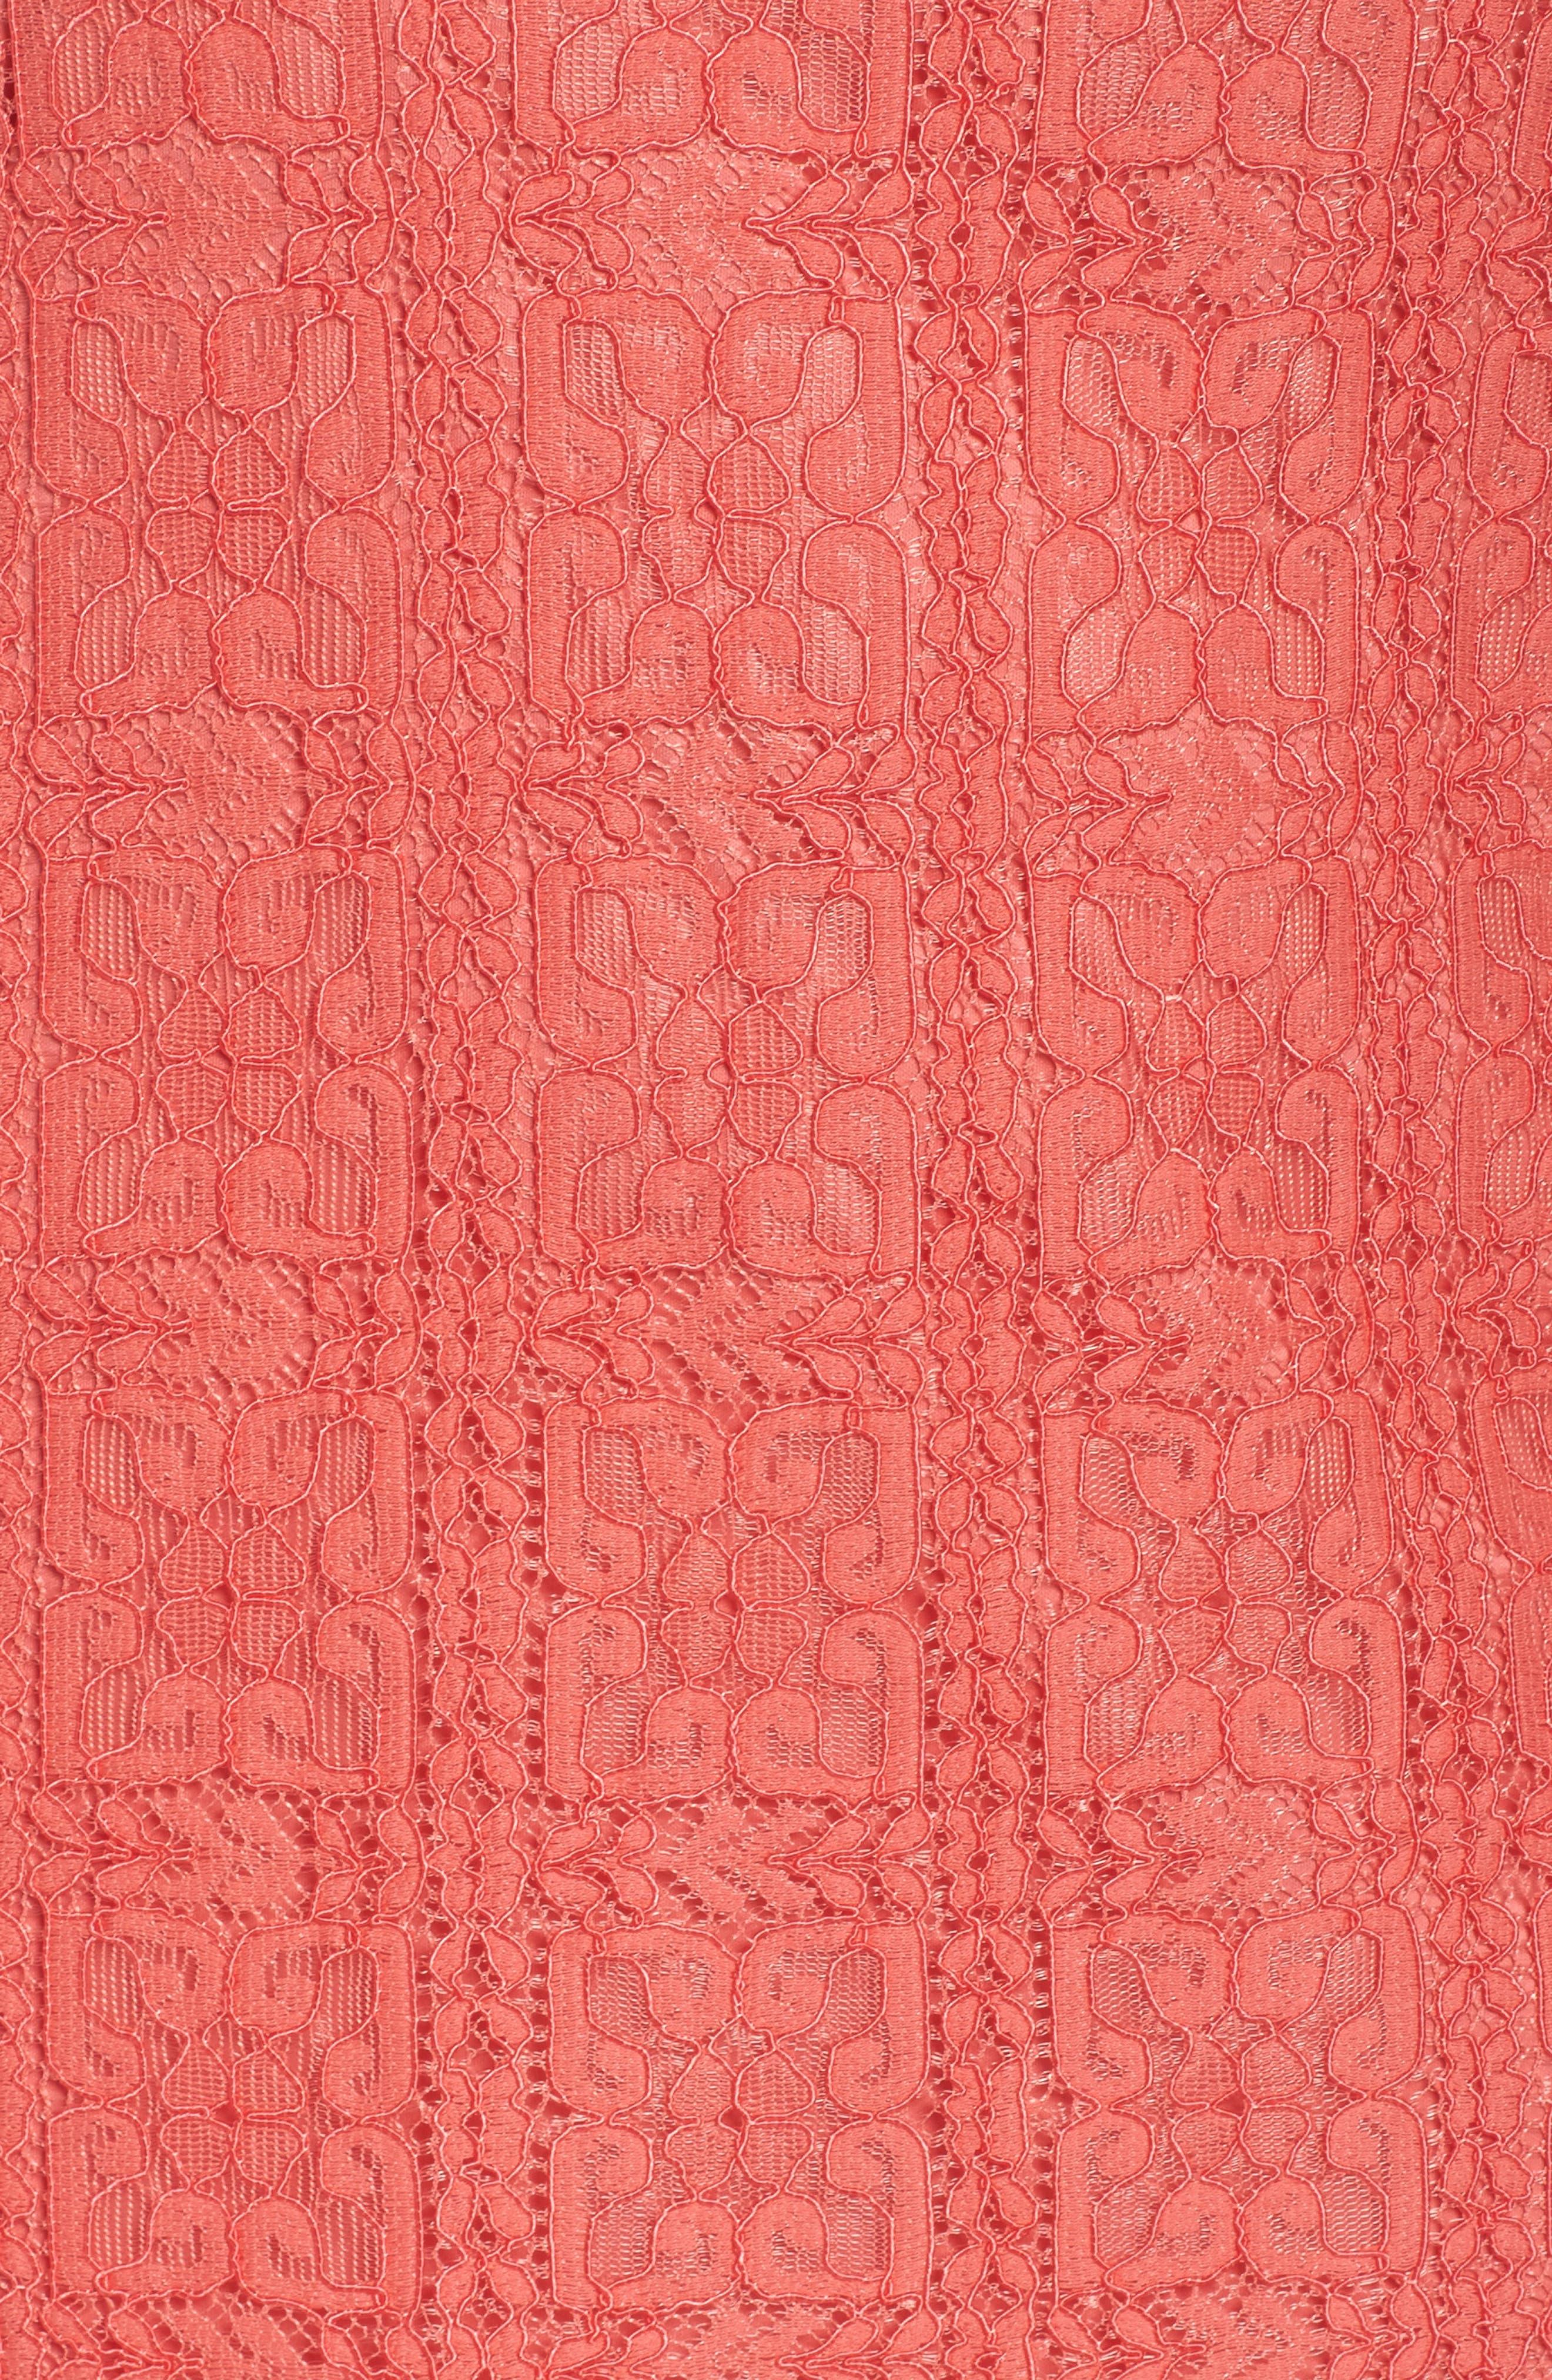 Marni Lace Shift Dress,                             Alternate thumbnail 5, color,